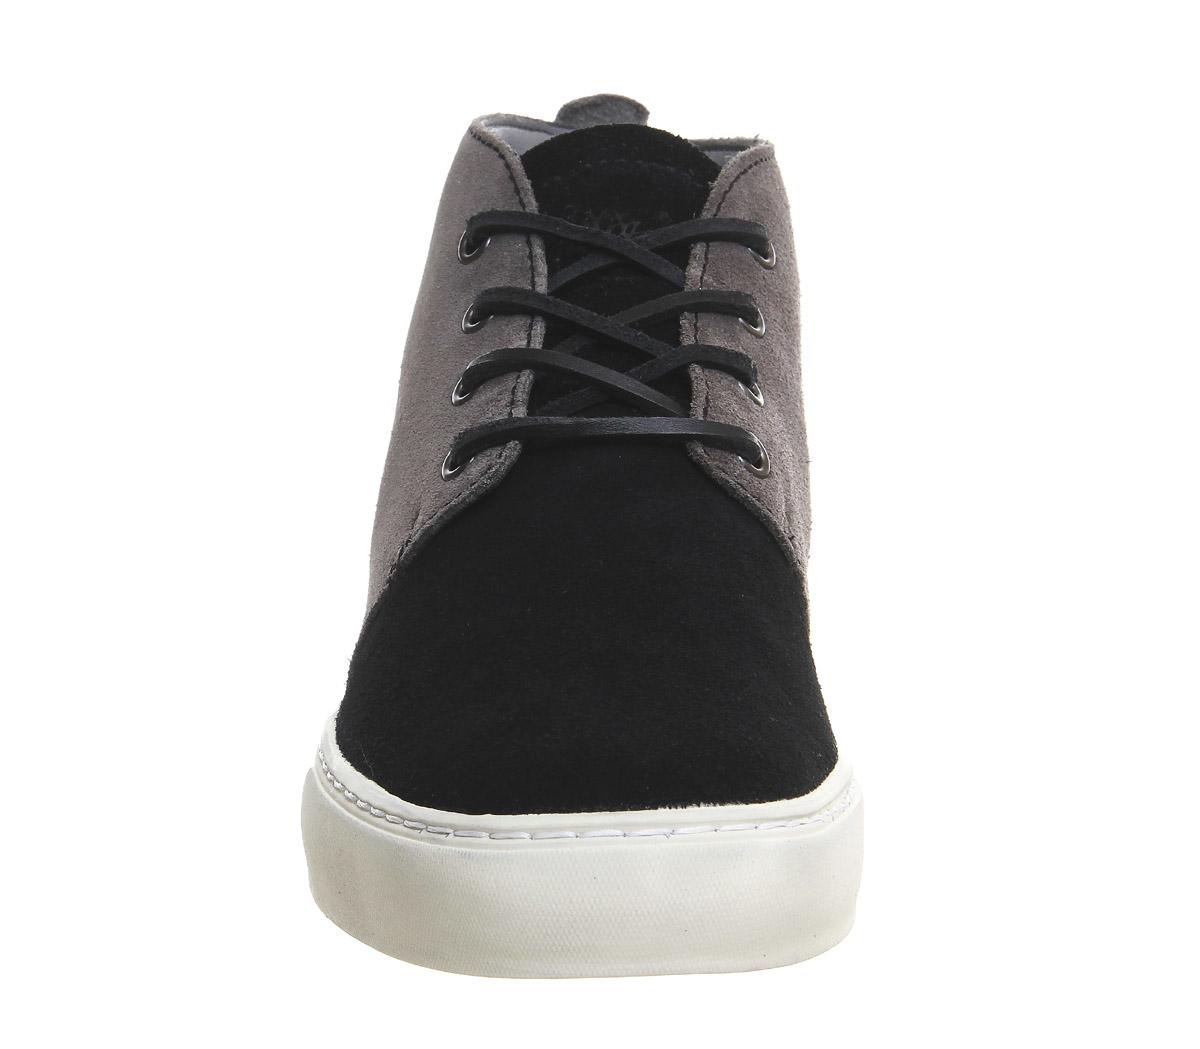 Mr Shoes Lace Up Front Black Pants